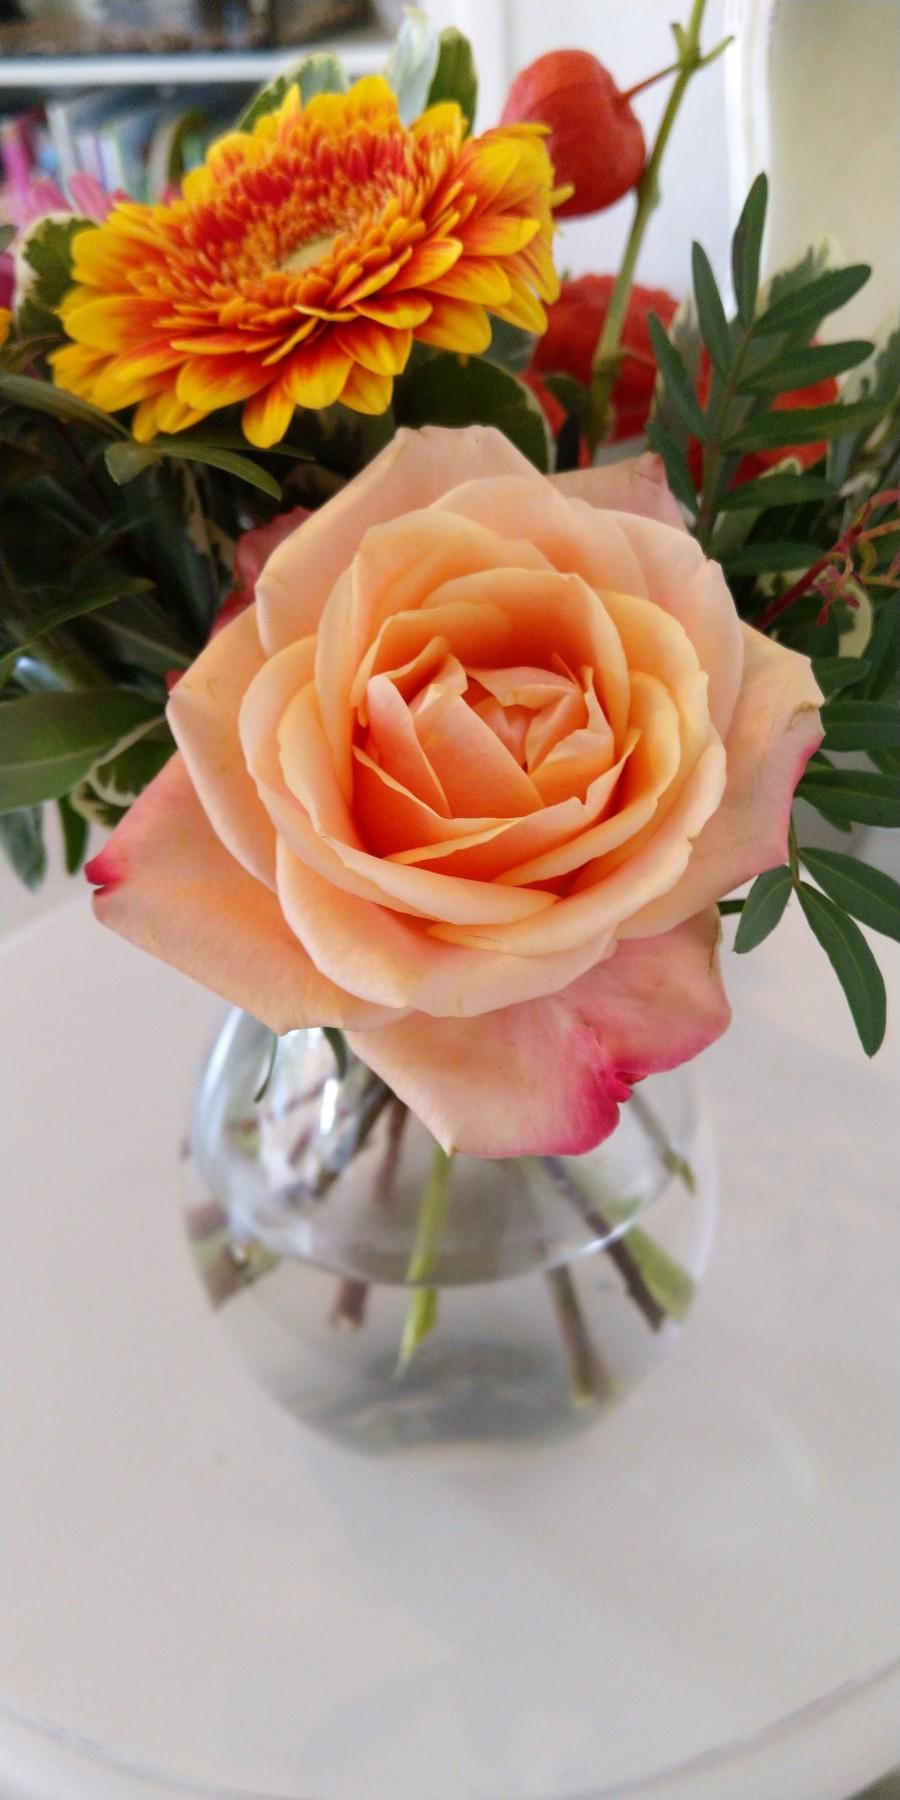 Orange rose in vase